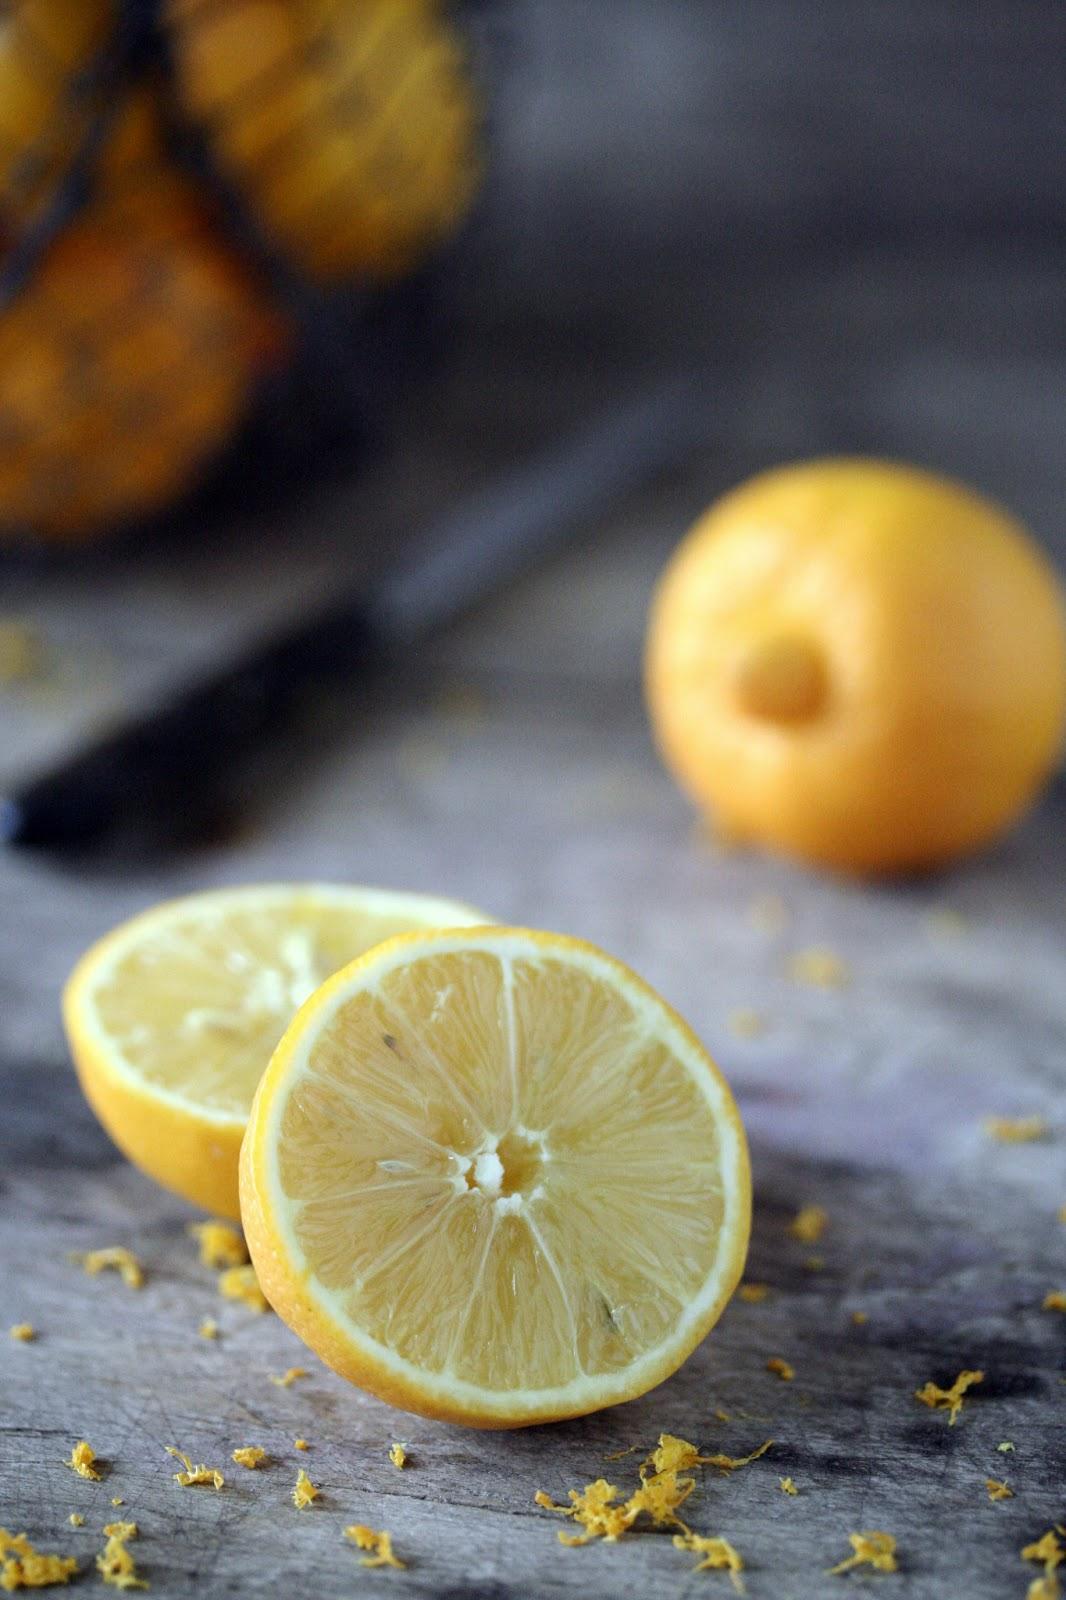 gourmandises chroniques cr me la bergamote ou bergamote curd mon p ch citron pour la. Black Bedroom Furniture Sets. Home Design Ideas